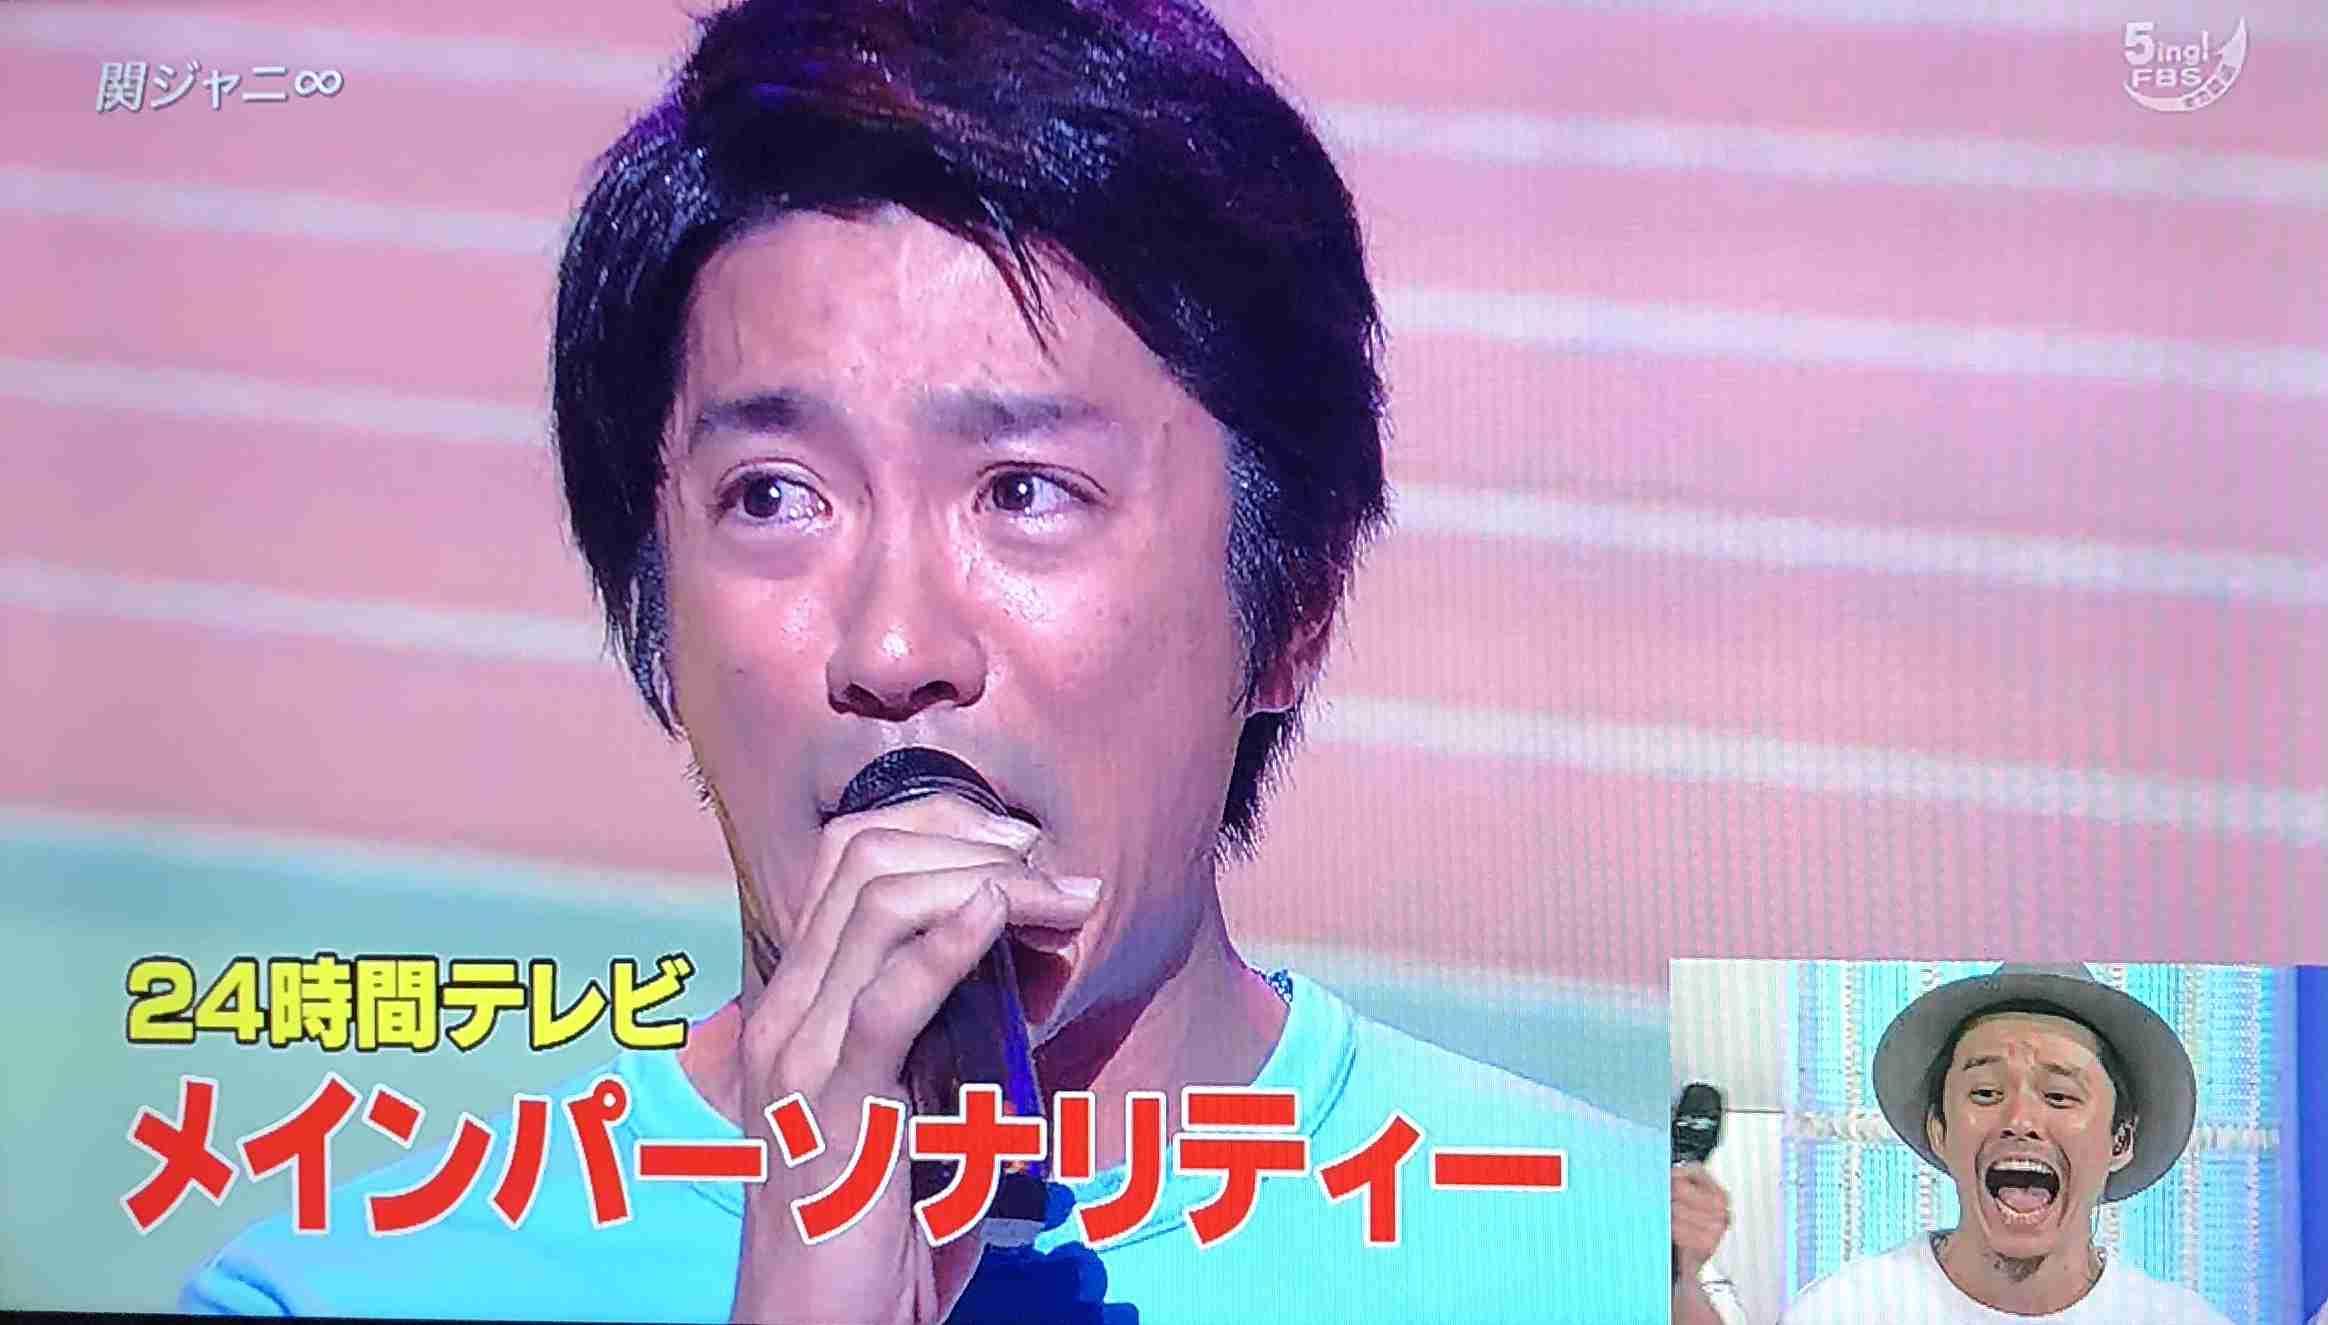 関ジャニ∞で好きな曲